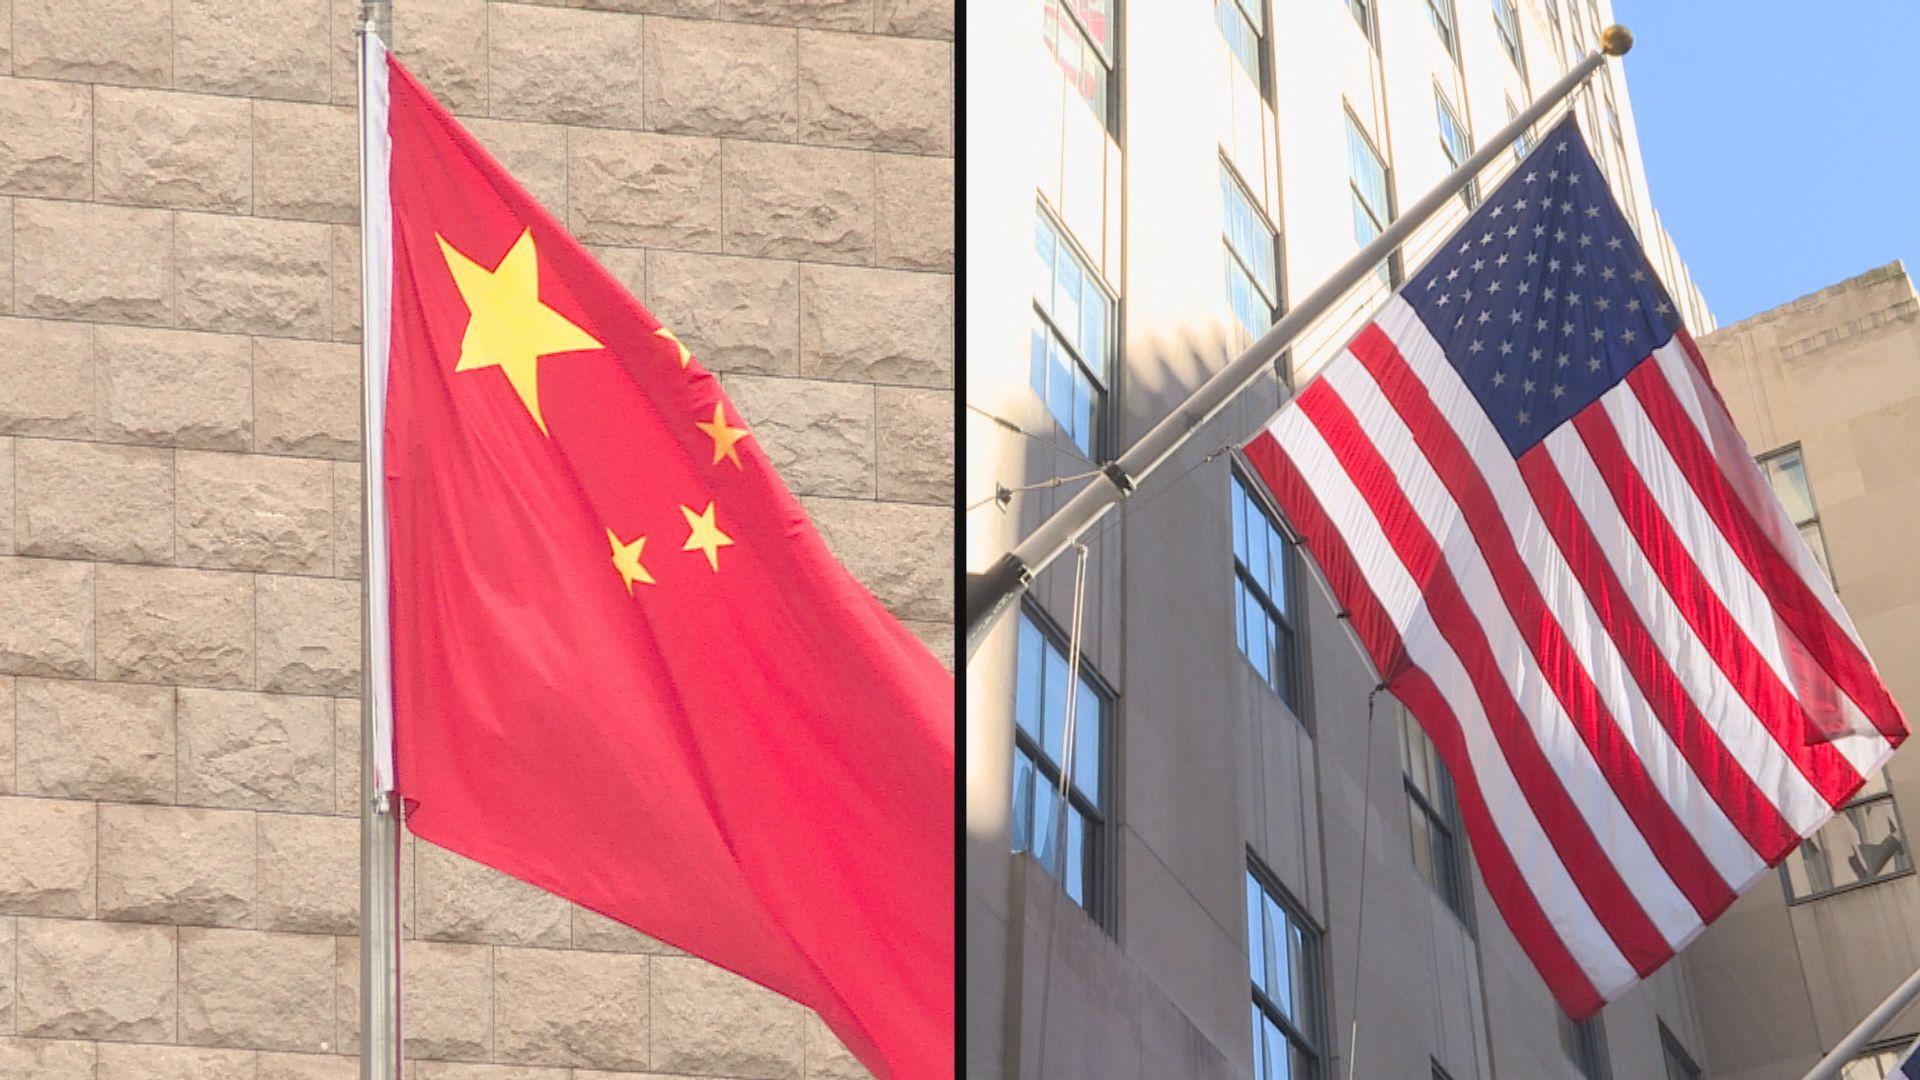 美國全國製造商協會系統疑遭中國黑客入侵